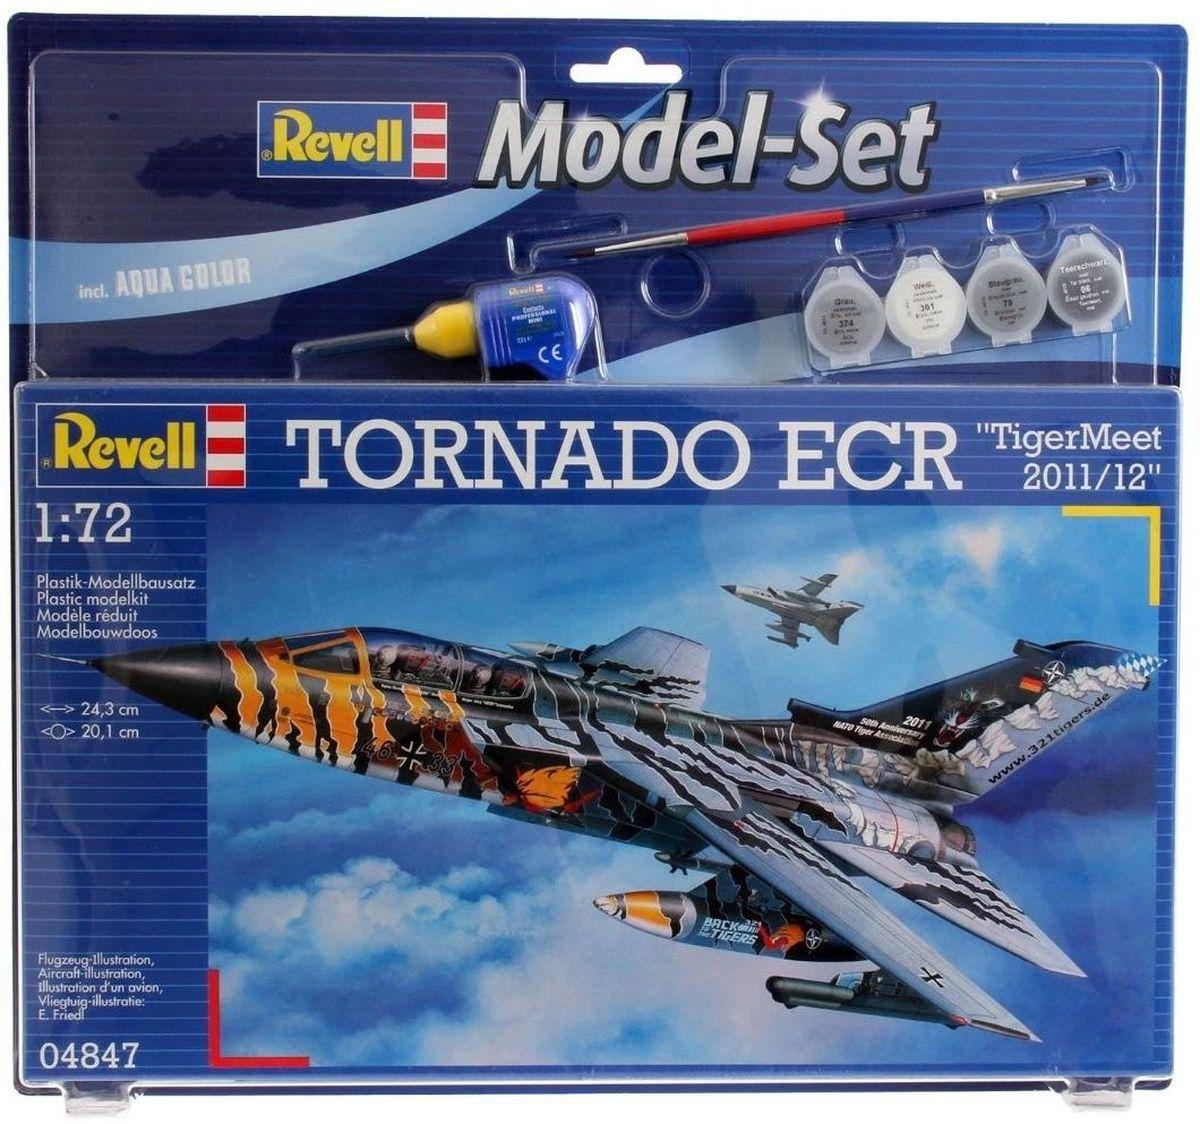 Revell Набор для сборки и раскрашивания Бомбардировщик Tornado ECR Tigermeet 2011/1264847Tornado - реактивный истребитель-бомбардировщик с крылом изменяемой стреловидности. Был разработан в середине 1970-х годов. До сих пор состоит на вооружении ВВС ряда европейских и ближневосточных стран. Торнадо активно применялись во время войны в Персидском заливе, а также во время операции НАТО в Югославии. Всего во время боевых действий было потеряно 9 машин. Масштаб: 1:72 Количество элементов: 155 Длина модели: 24,3см Размах крыльев: 20,1см Для детей от 10 лет. В наборе клей, кисточка и базовые краски.